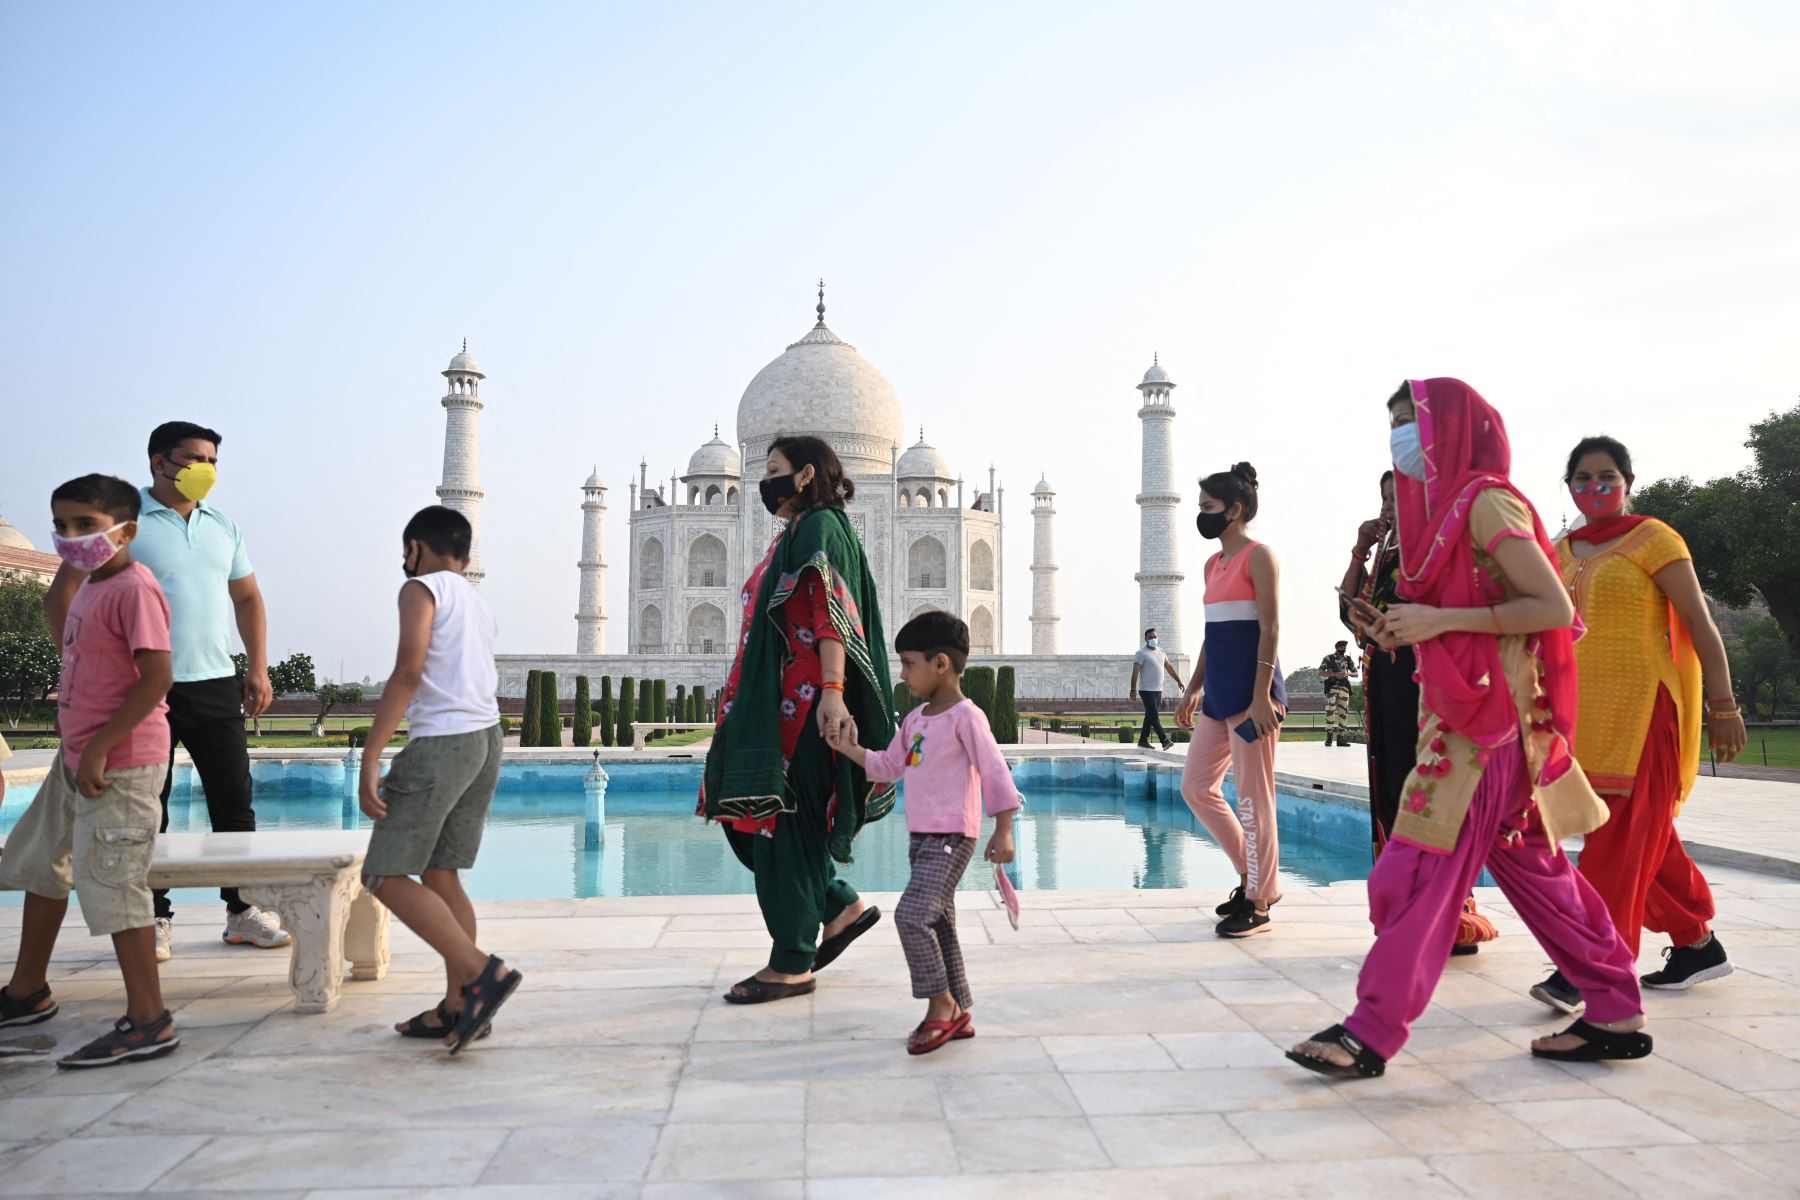 Los turistas visitan el Taj Mahal después de que se reabrió a los visitantes luego de que las autoridades suavizaran las restricciones del coronavirus  en Agra. Foto: AFP